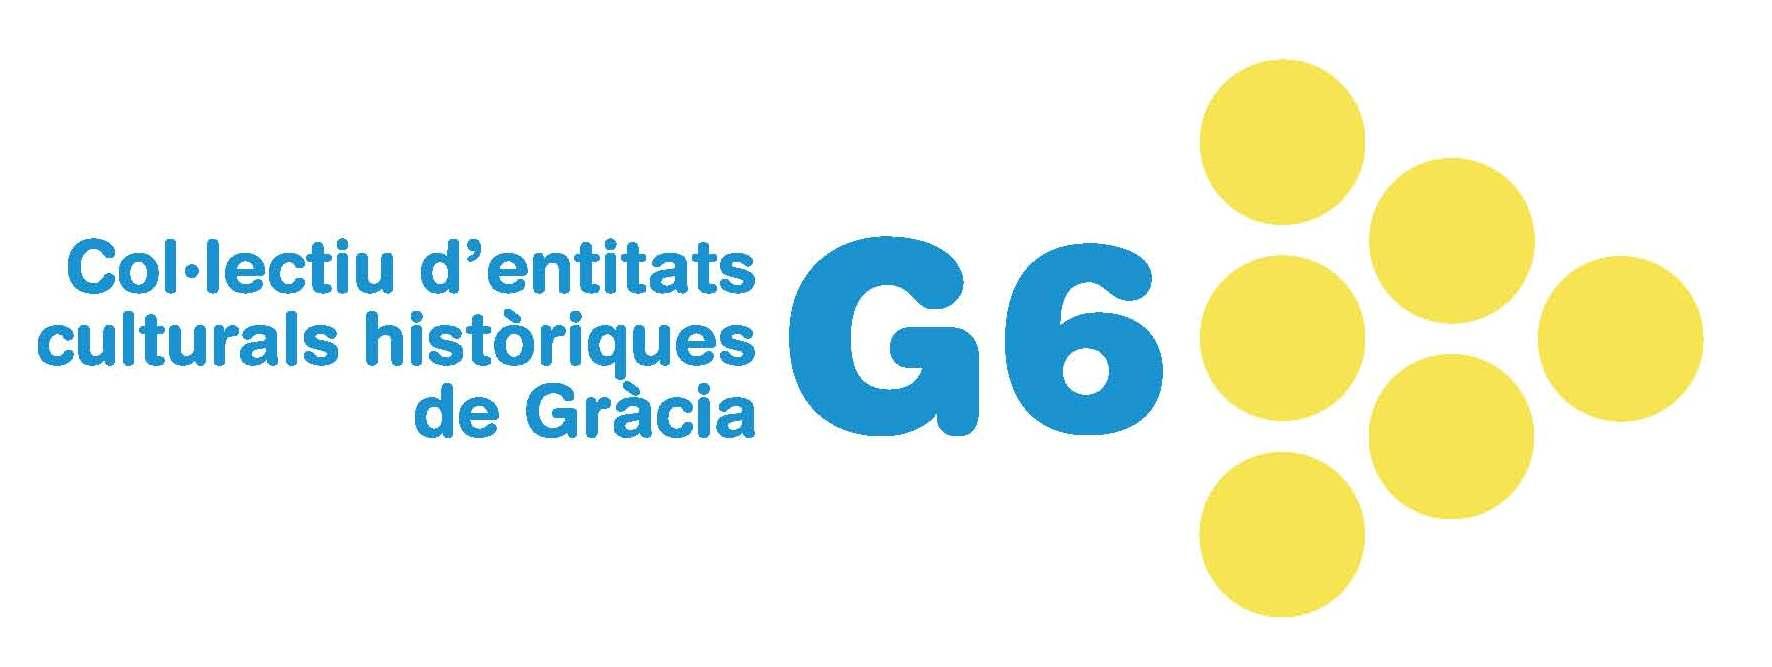 G6 Gràcia